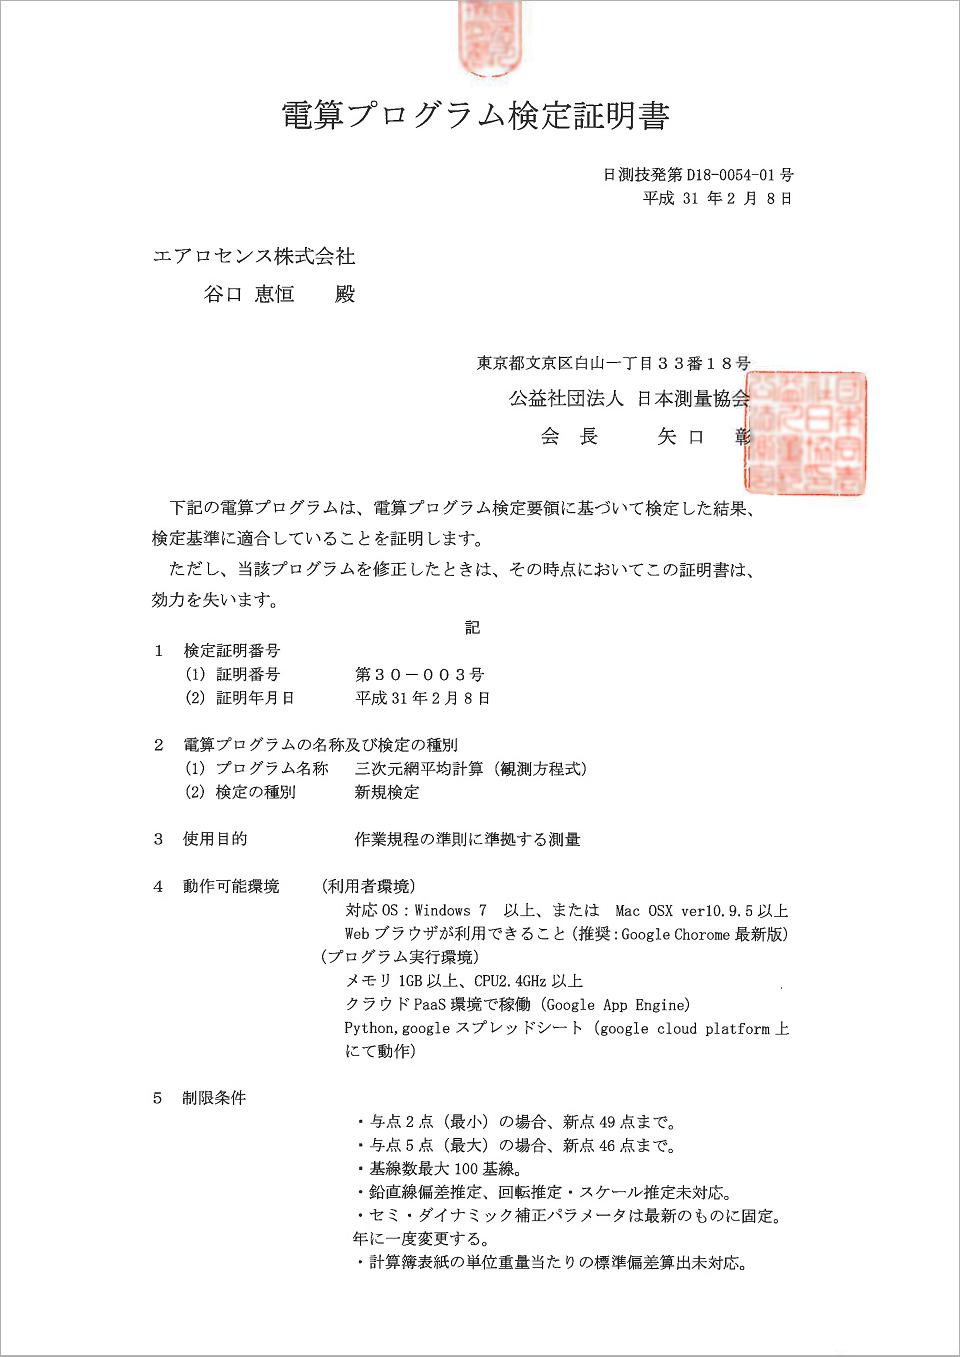 電算プログラム検定証明書(証明年月日修正版)+ボカシ.png